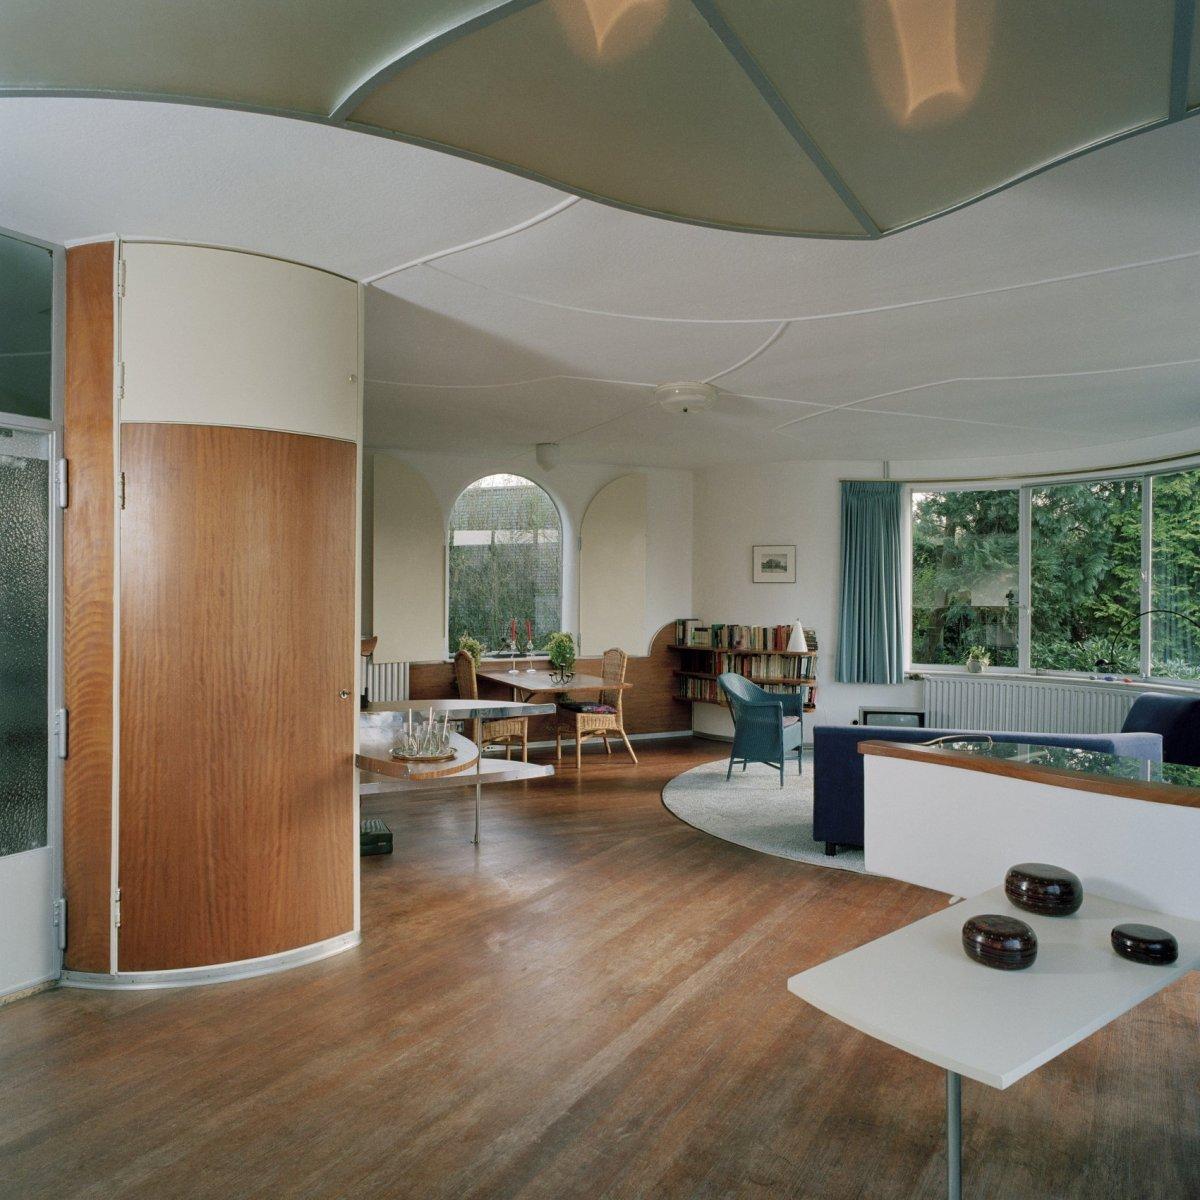 File:Interieur, overzicht woonkamer richting de eethoek en de ...